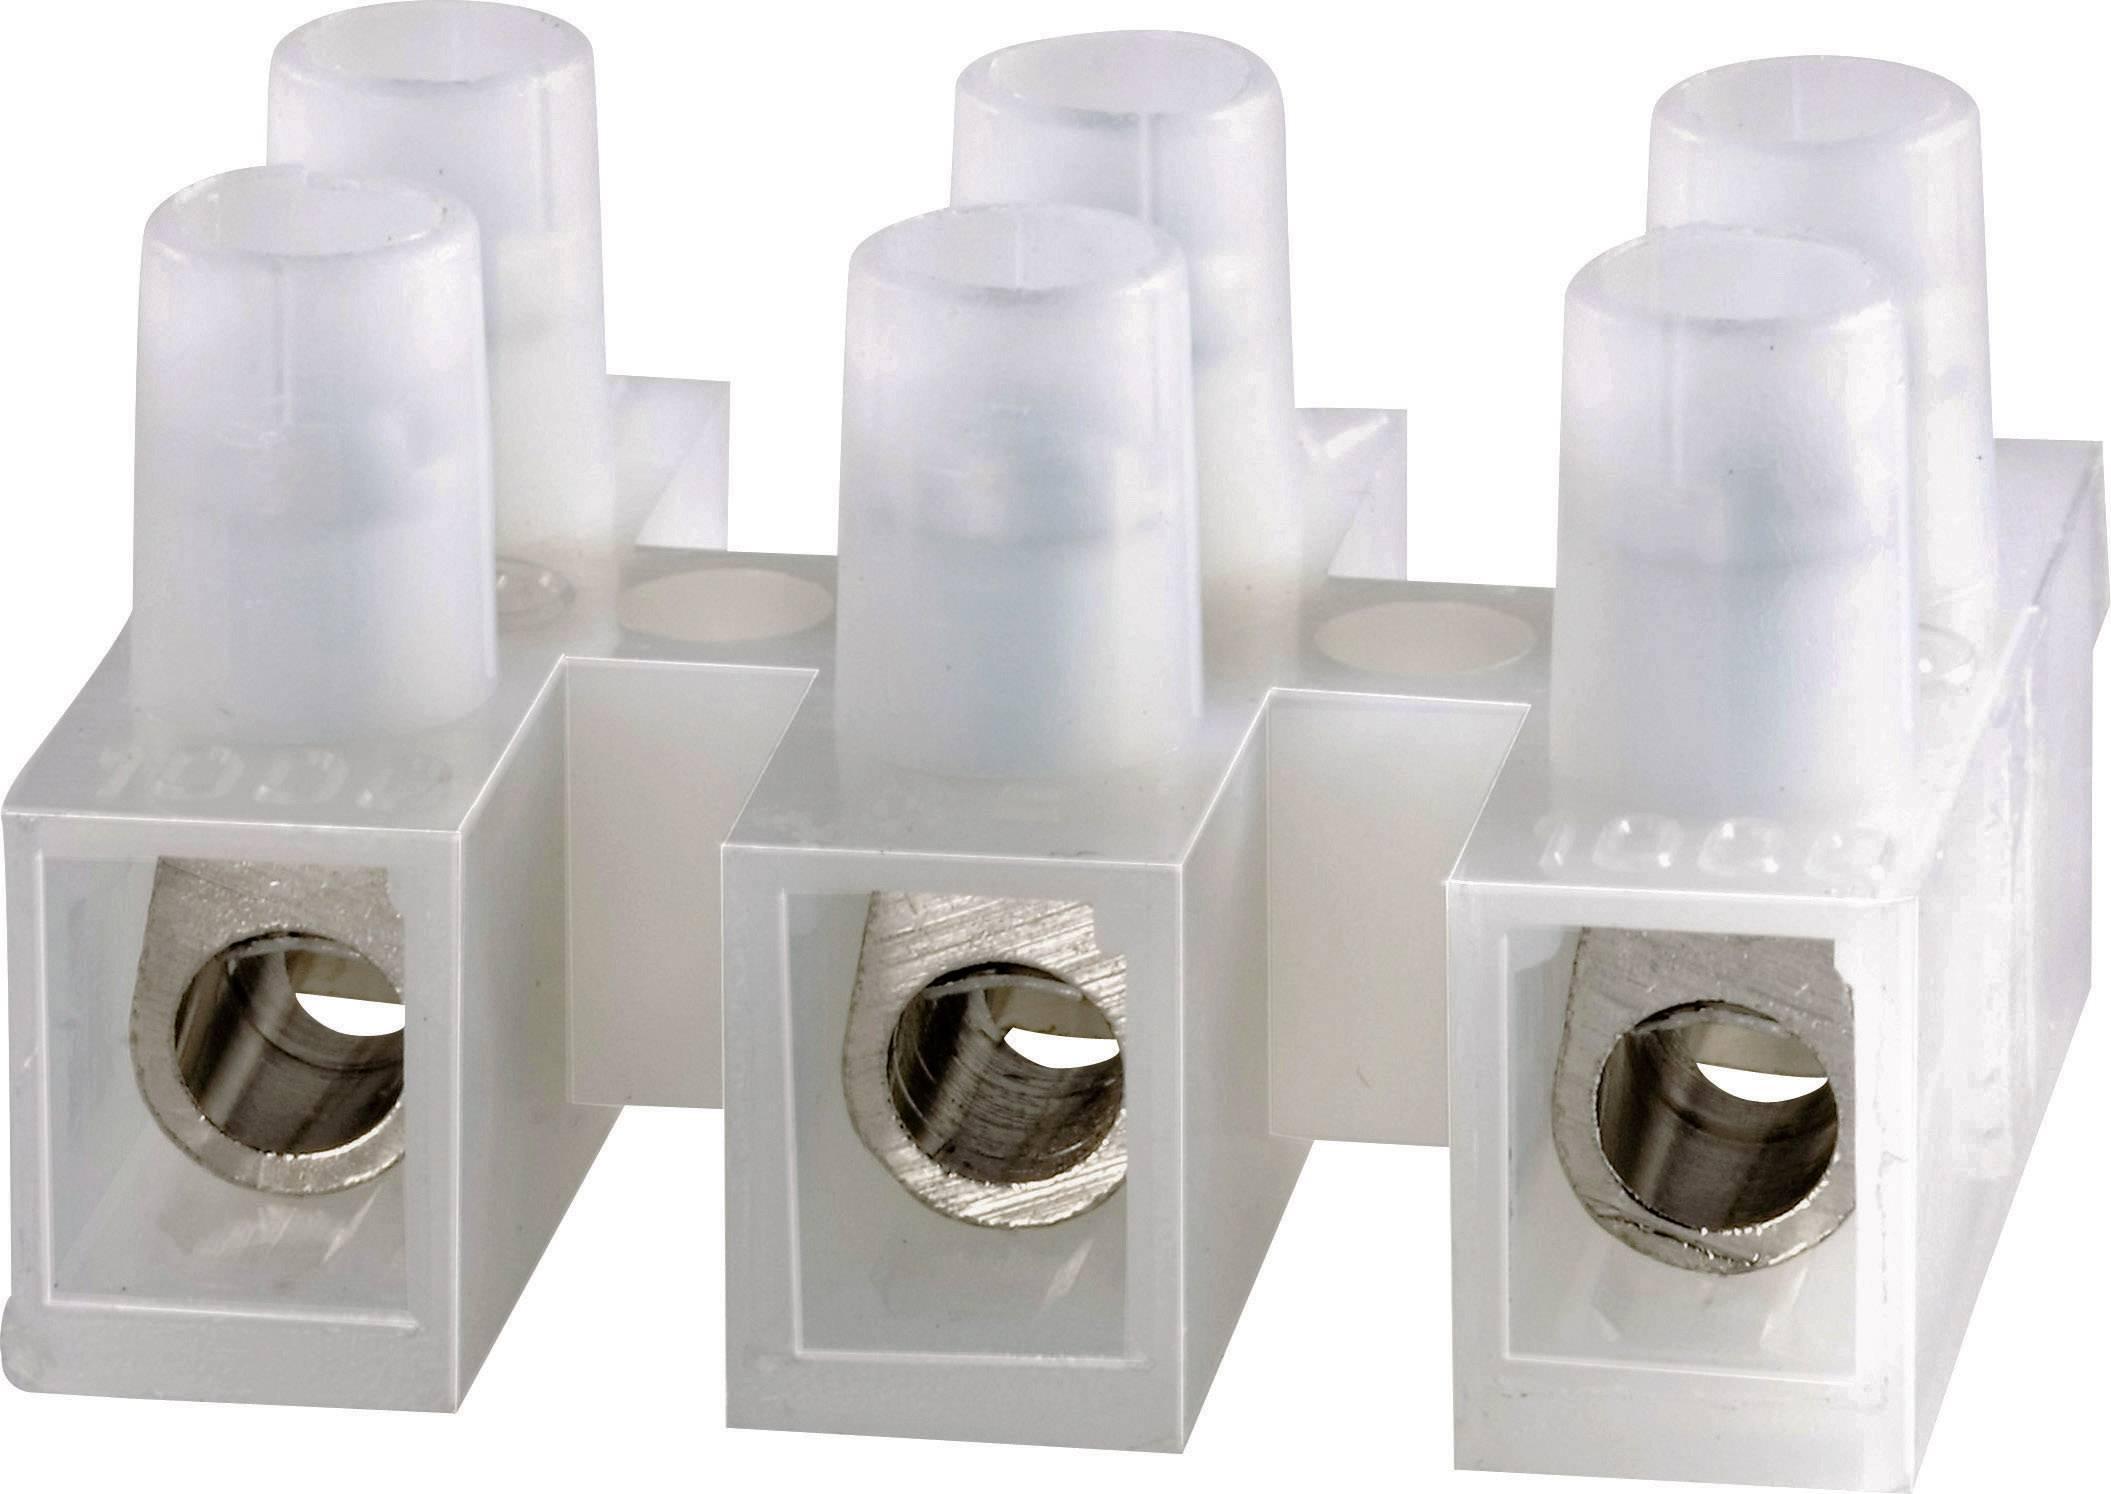 Svietidlové svorky Adels-Contact 500/1235 DS na kábel s rozmerom -2.5 mm², pólů 12, 1 ks, prírodná